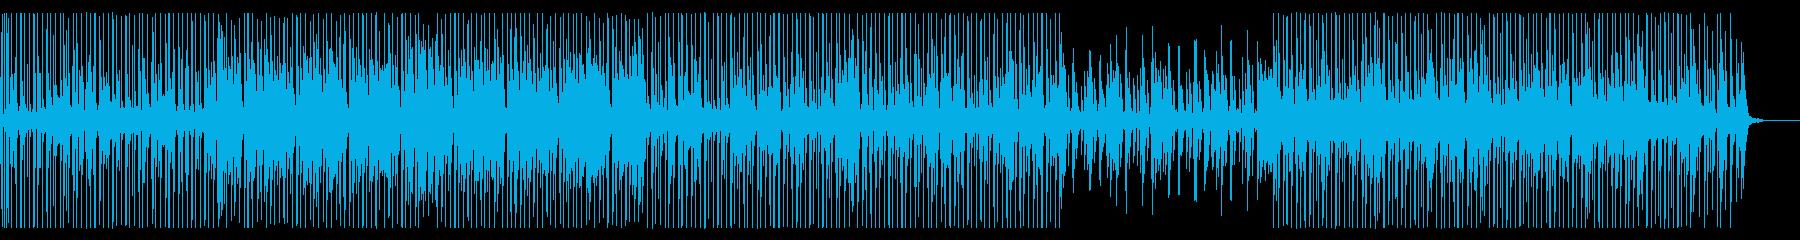 淡々としたエレクトロニックな曲の再生済みの波形